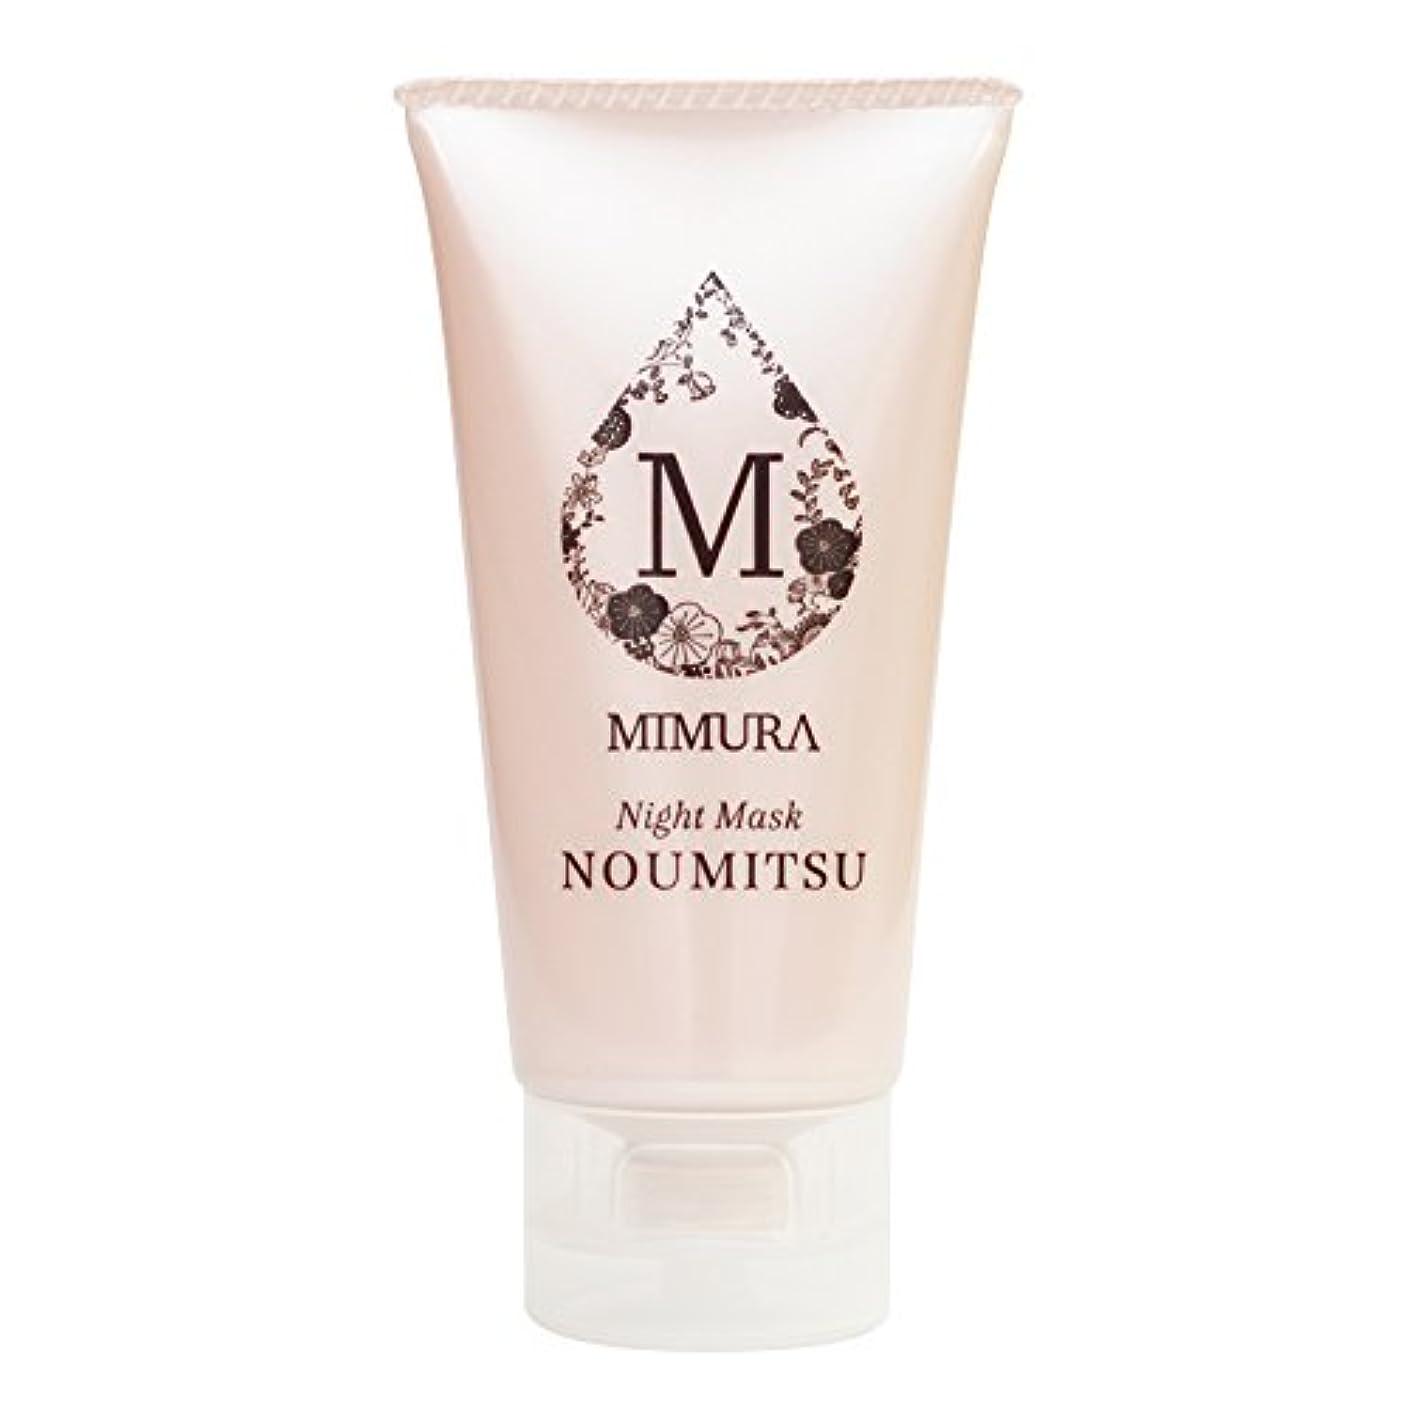 模索パパヒールナイトケアクリーム 保湿 顔 用 ミムラ ナイトマスク NOUMITSU 48g MIMURA 乾燥肌 日本製